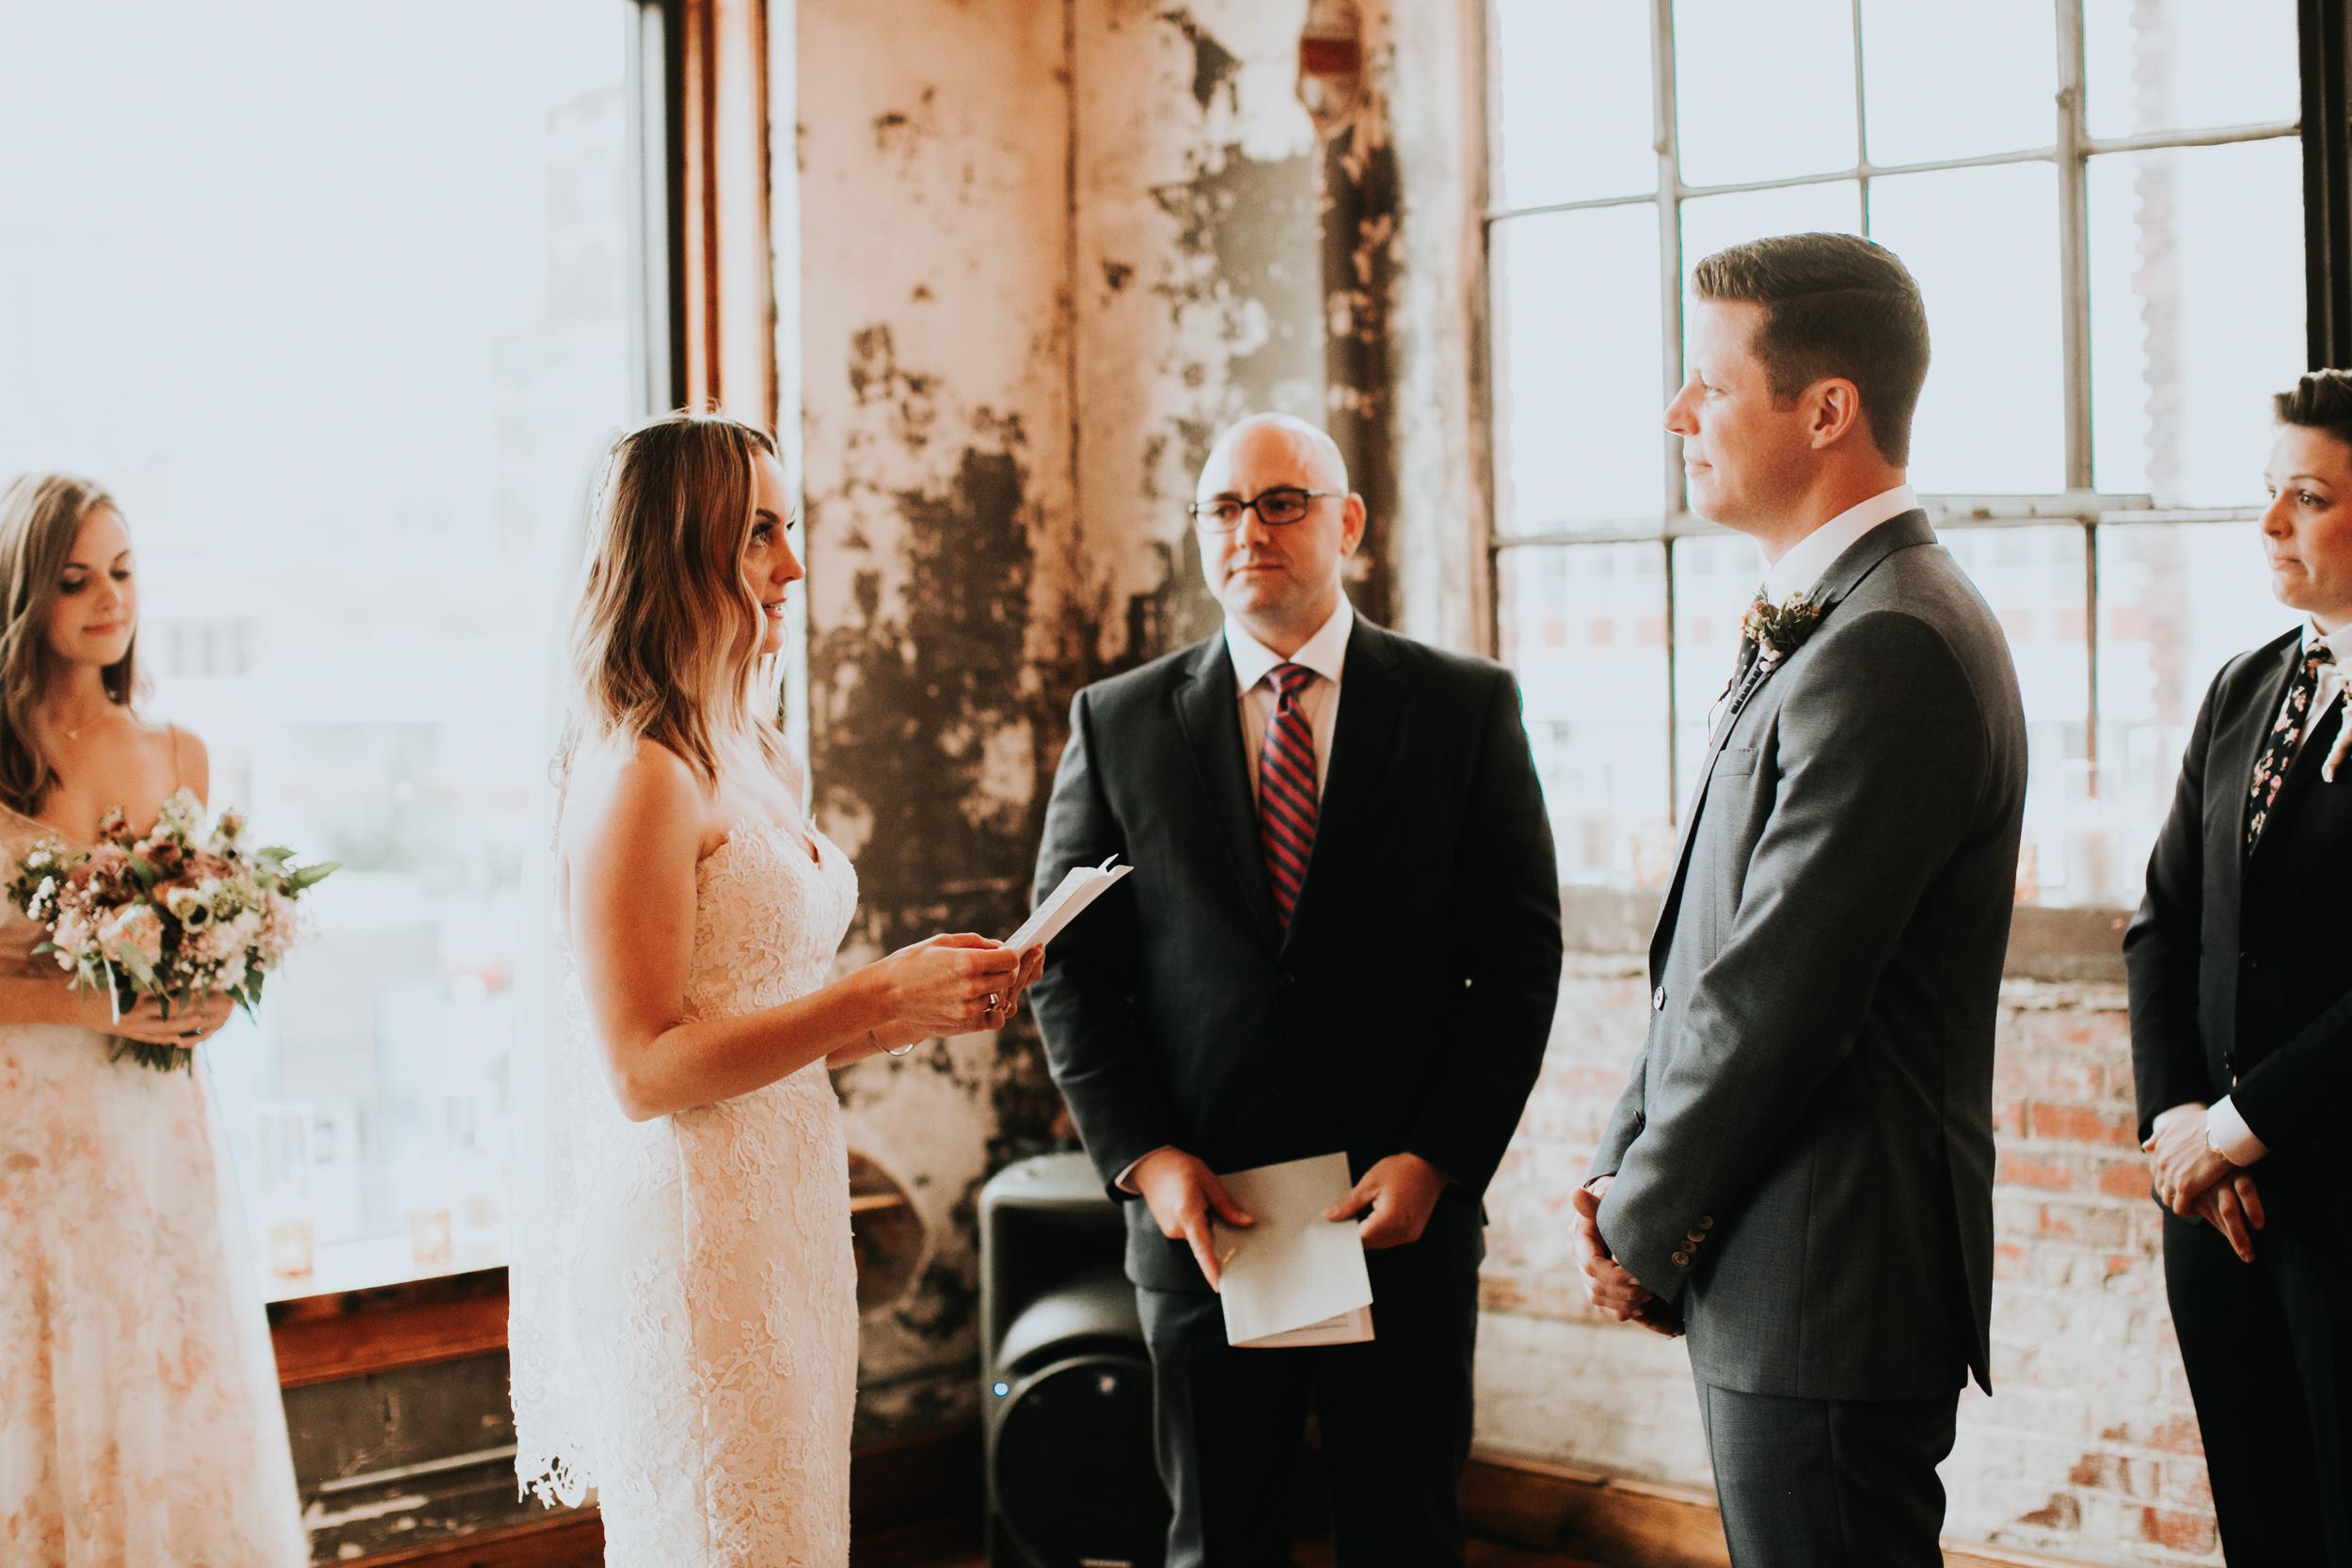 Britt and Scott Wedding Ceremony at The Bauer in Kansas City-130.jpg